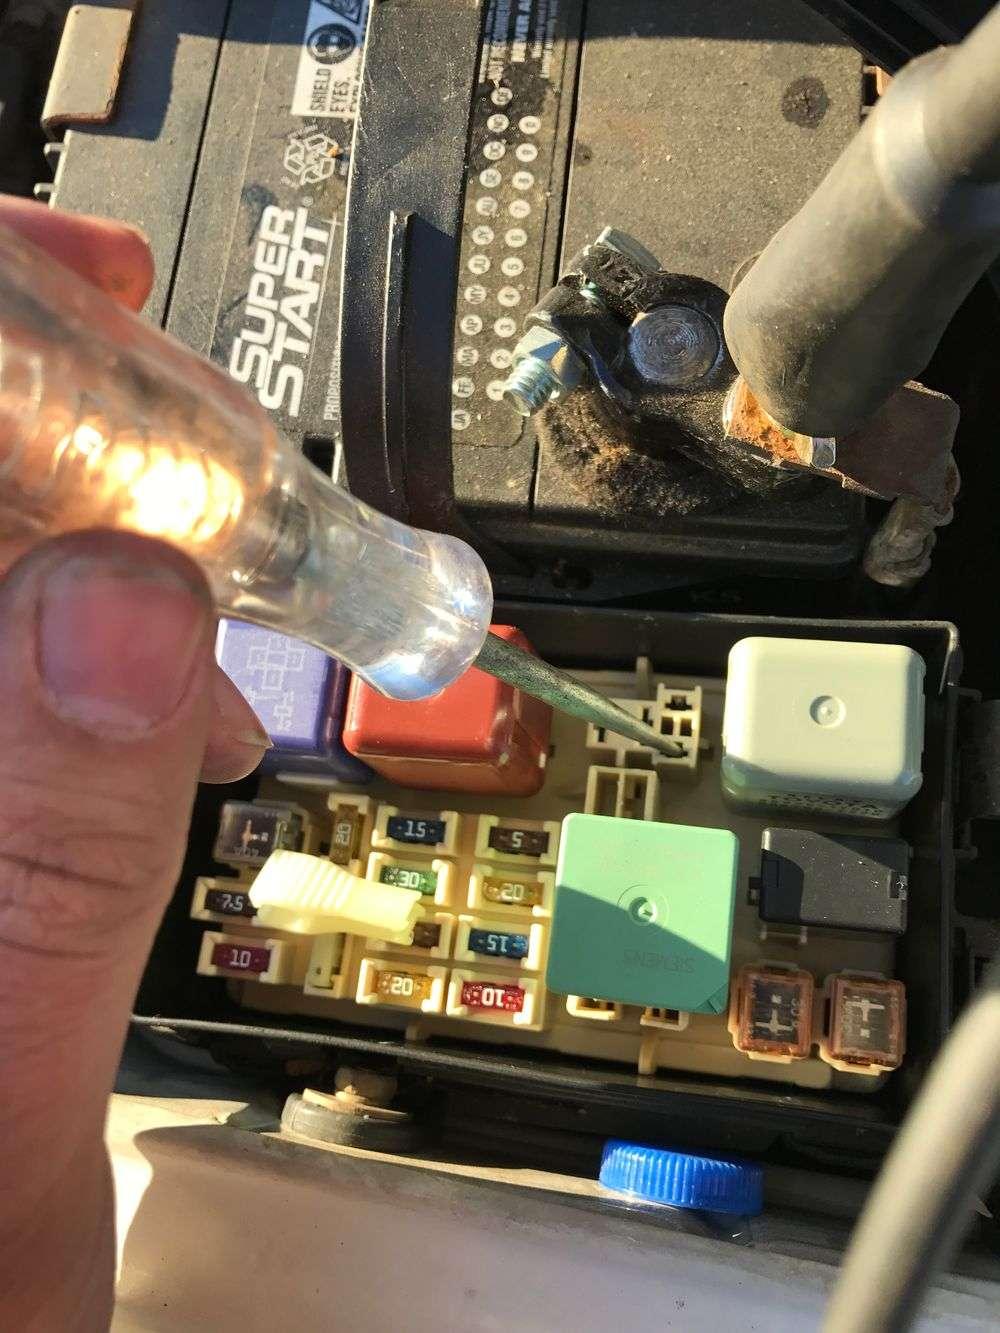 Як зробити дешеве протиугінний пристрій автомобіля своїми руками